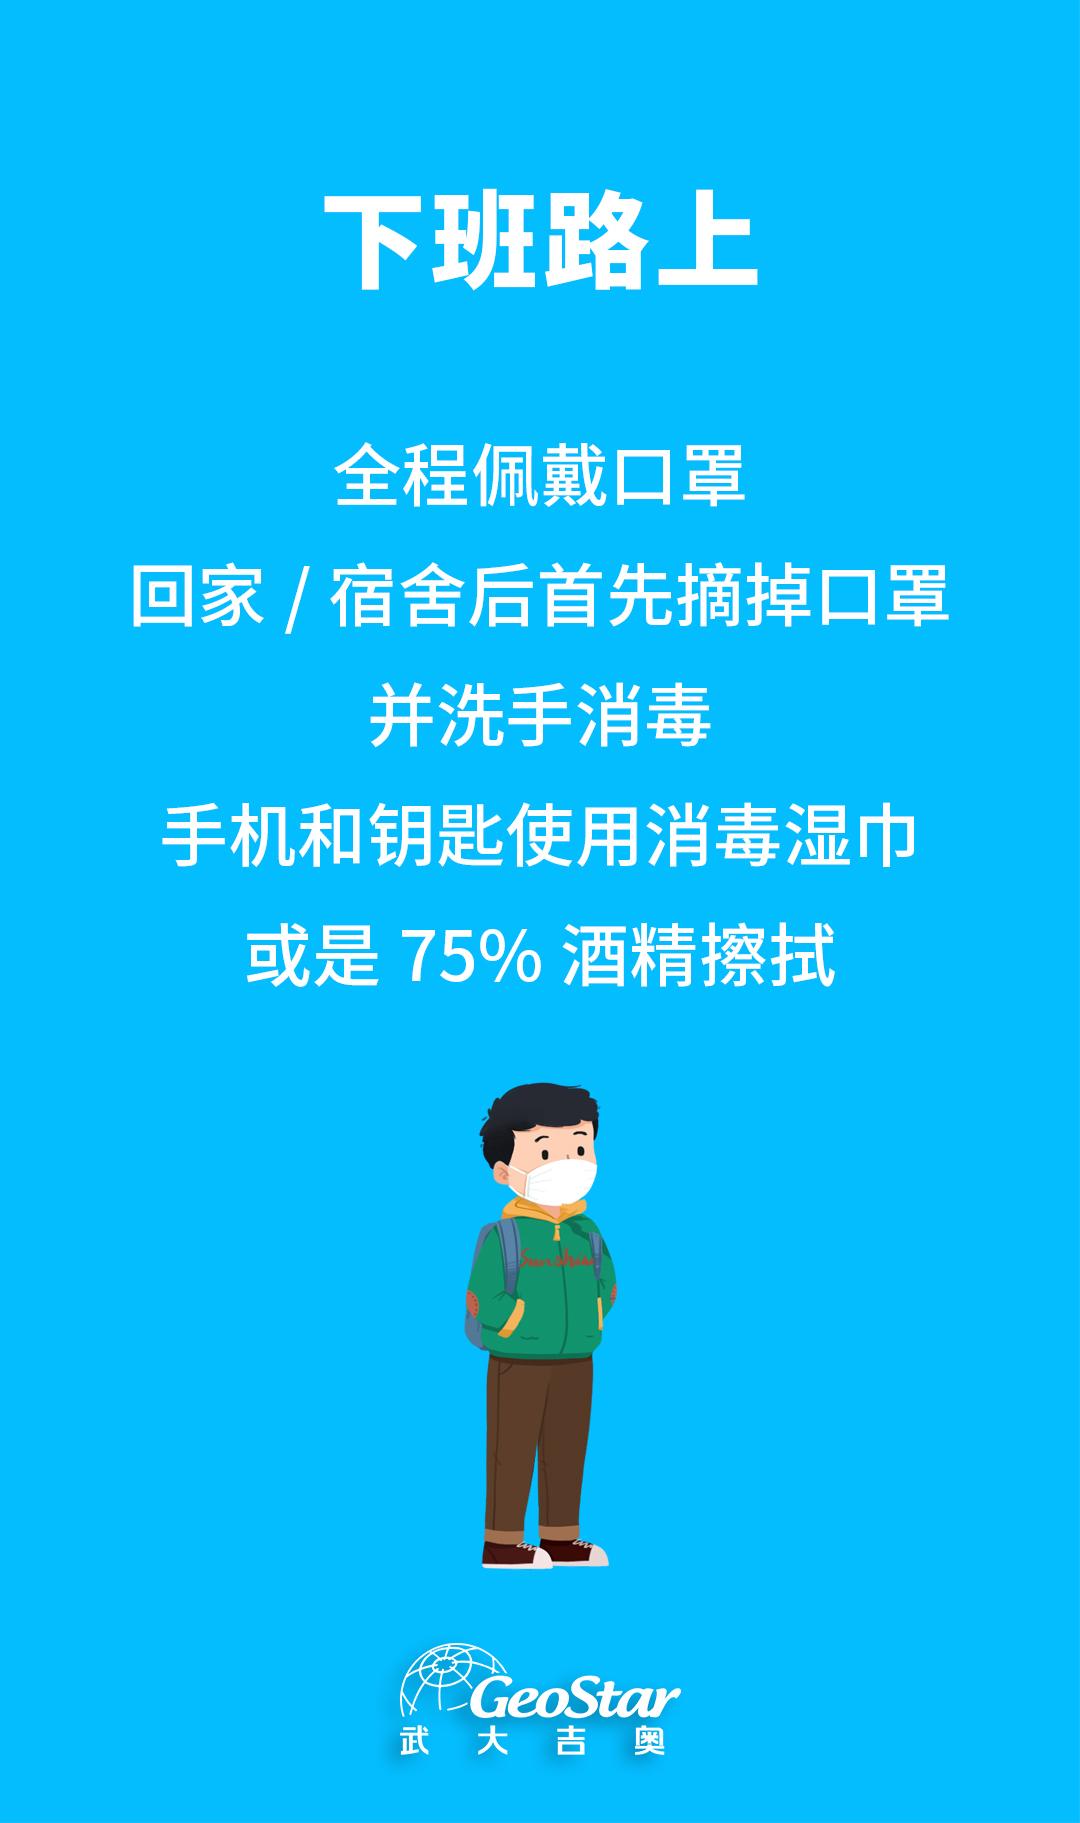 12.地信企业复工防疫指南-下班路上